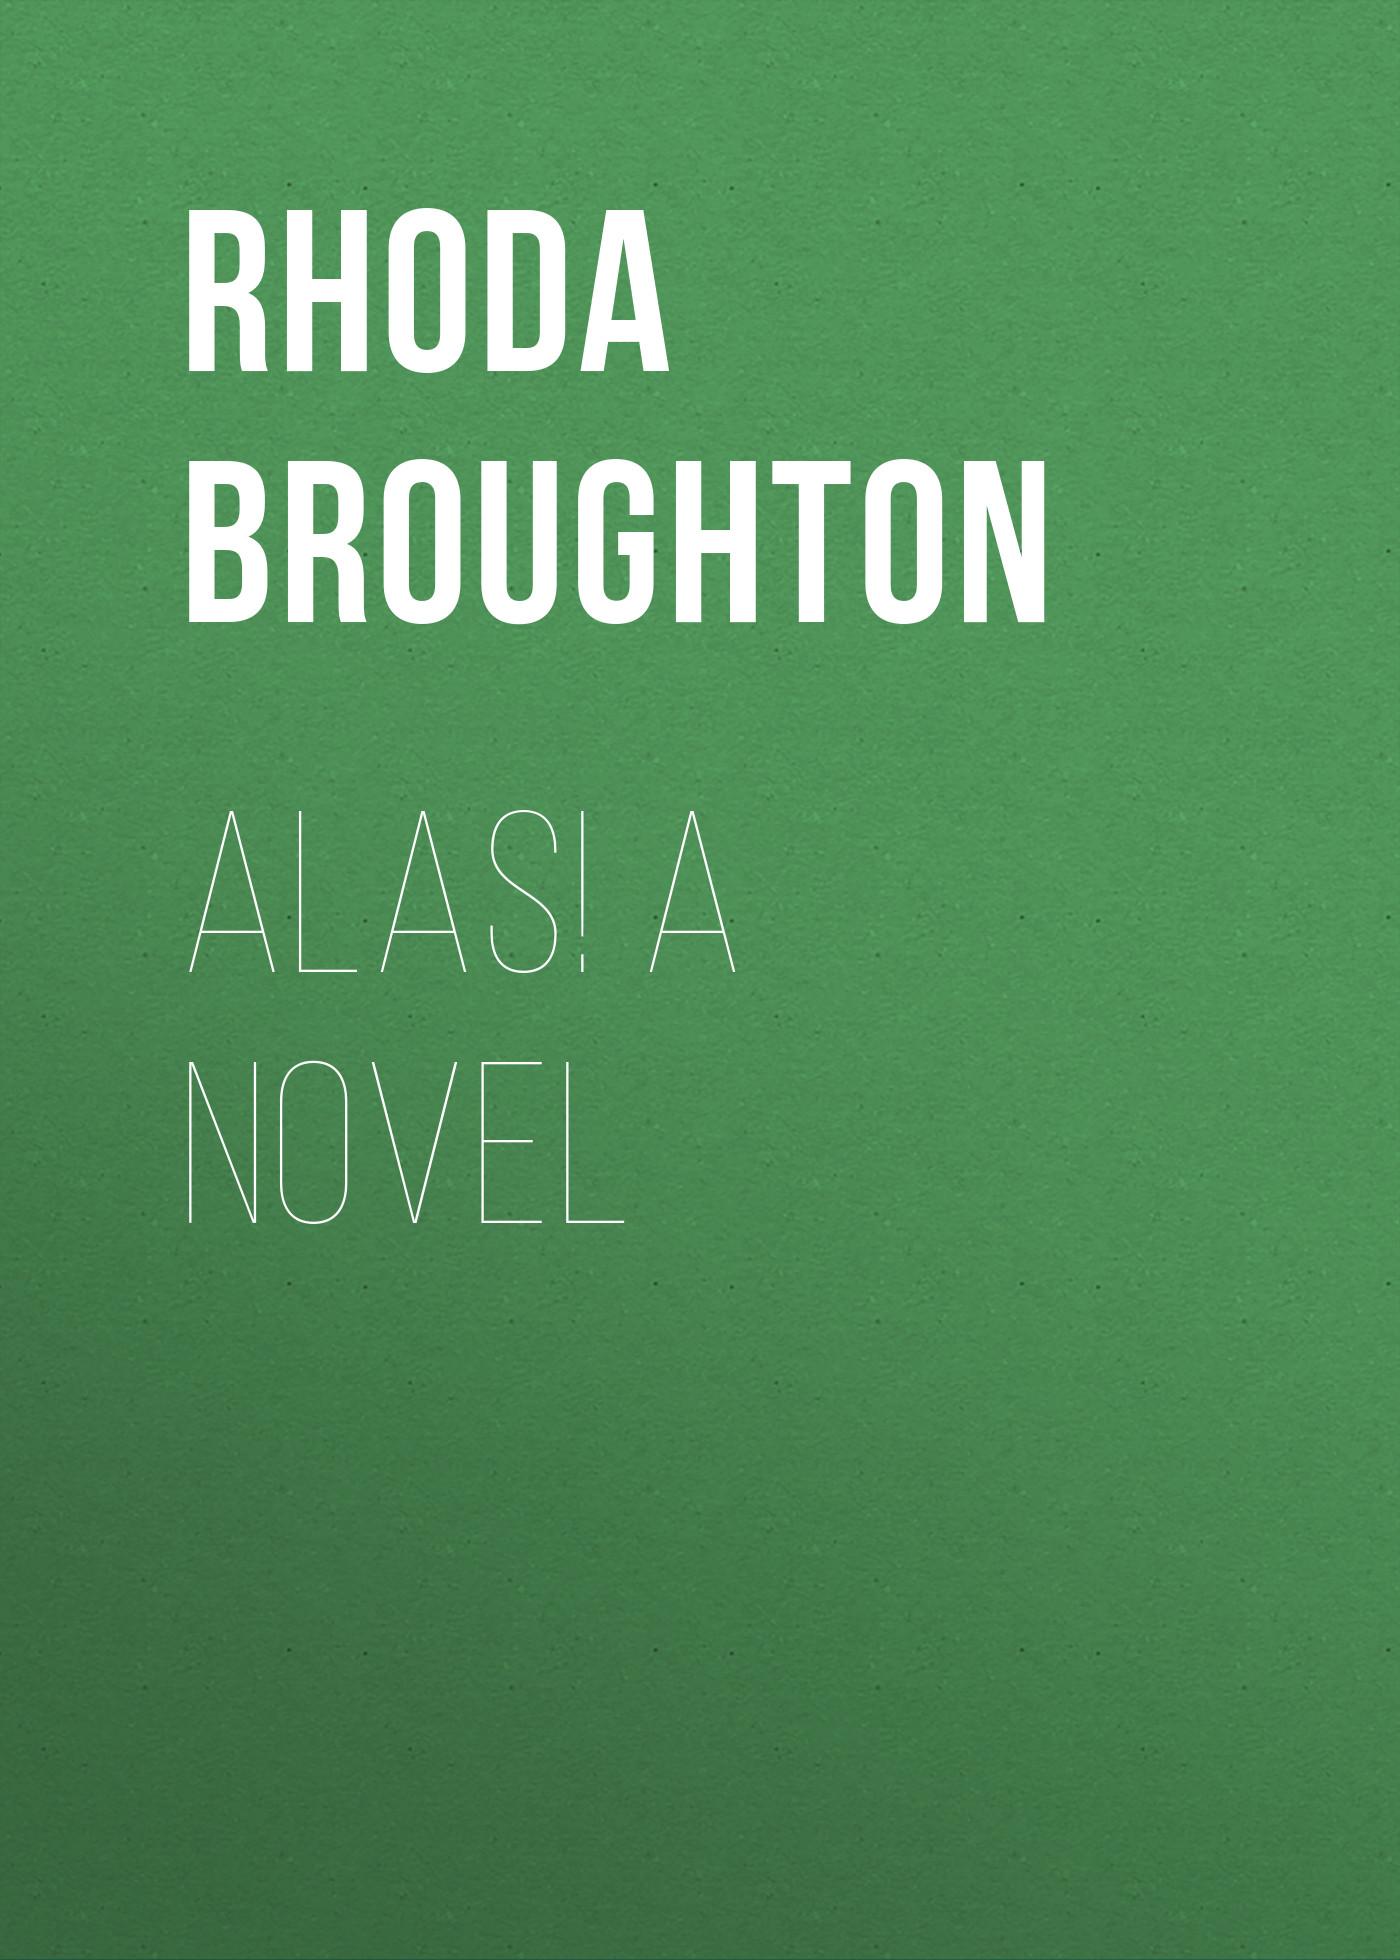 Broughton Rhoda Alas! A Novel rhoda broughton nancy